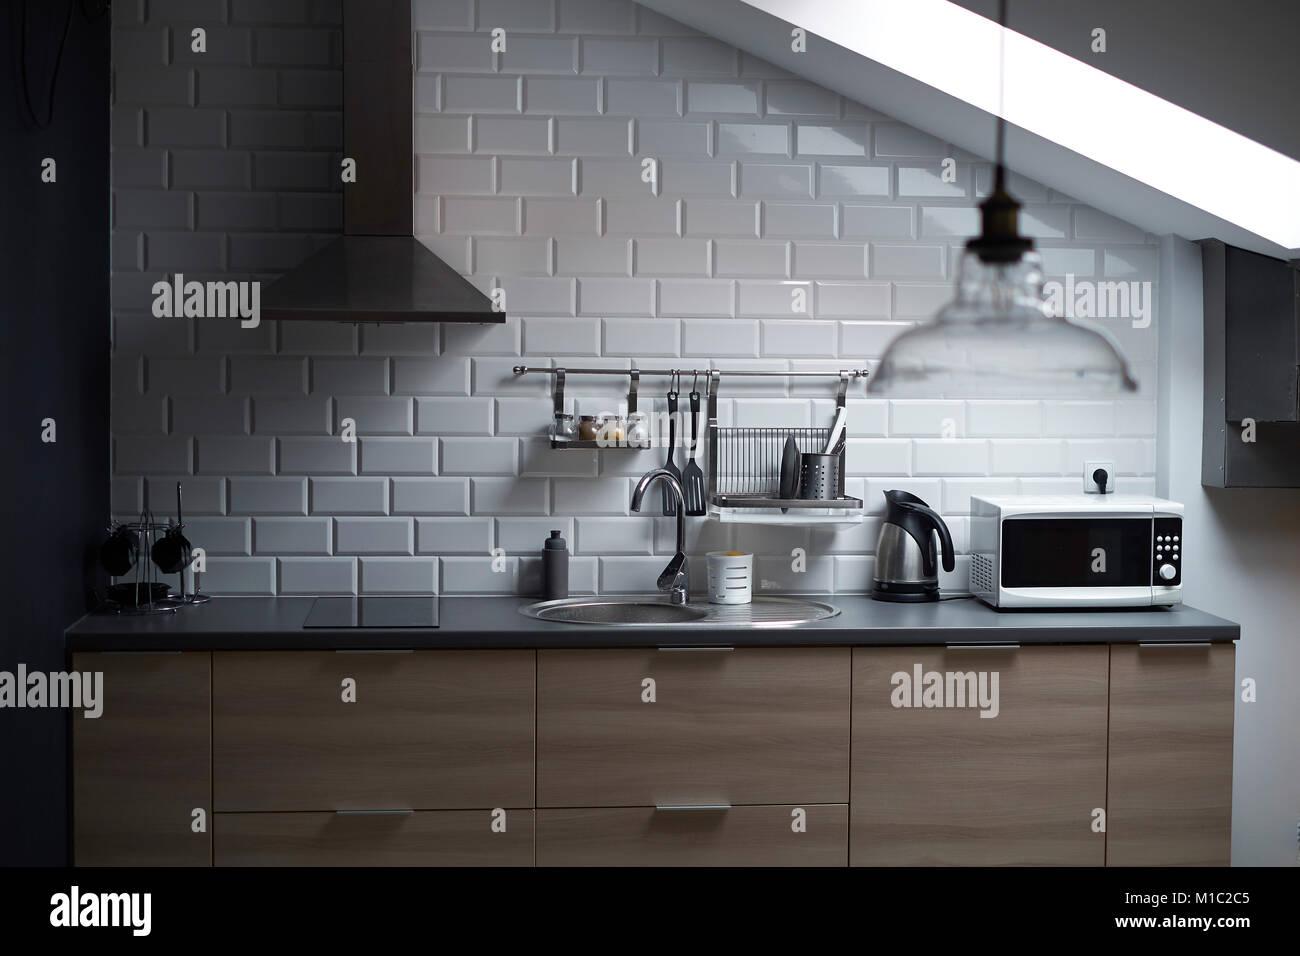 Piastrelle cucina a muro come mettere mattonelle al muro simple